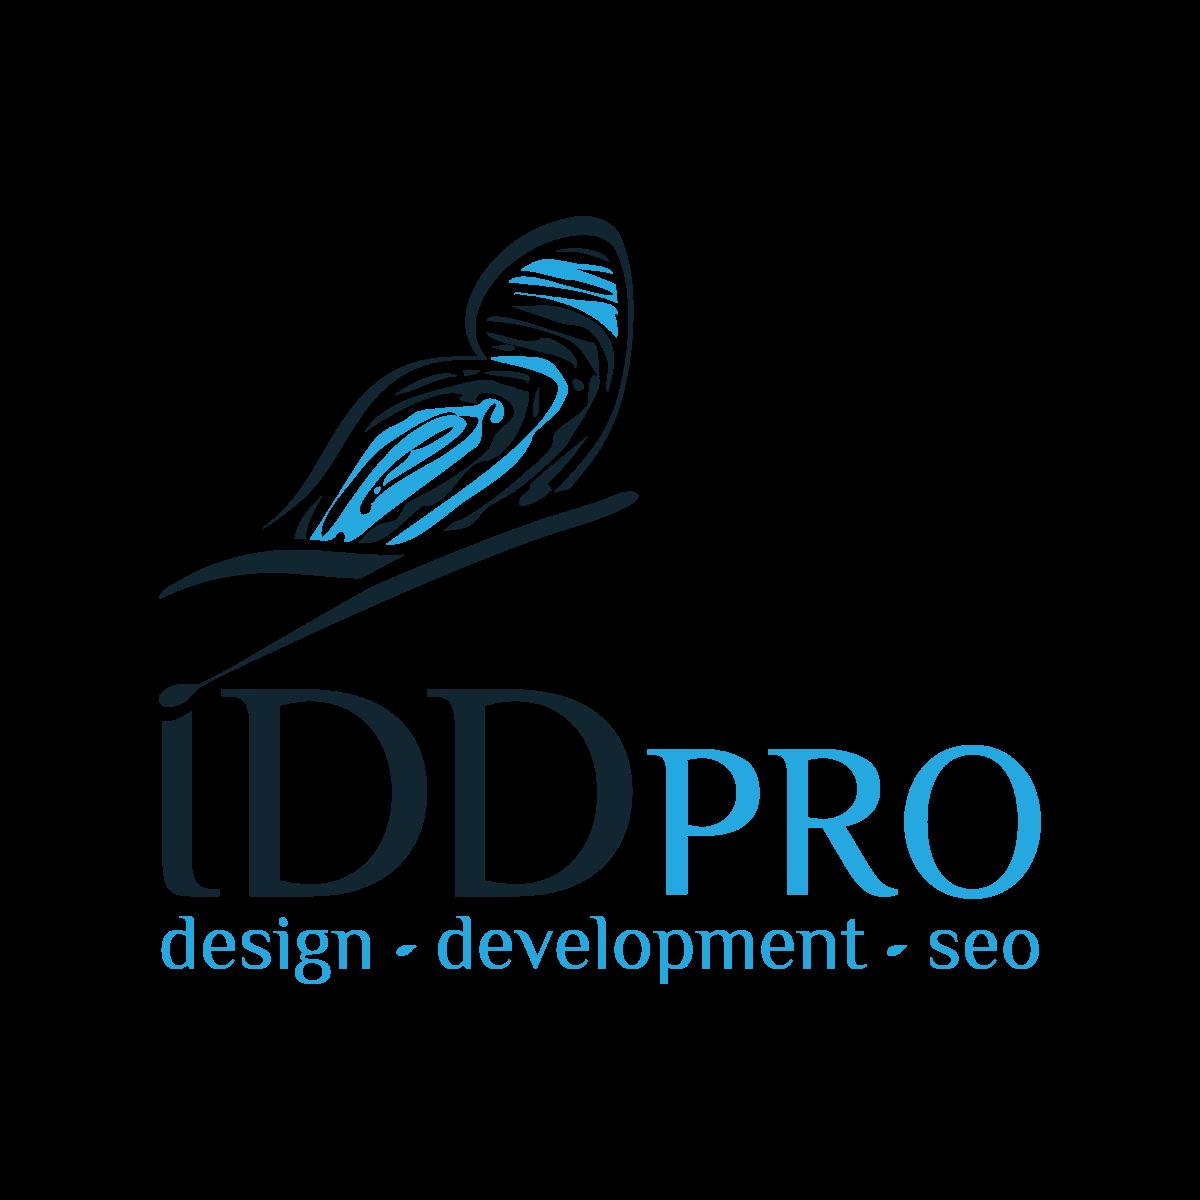 IDDpro